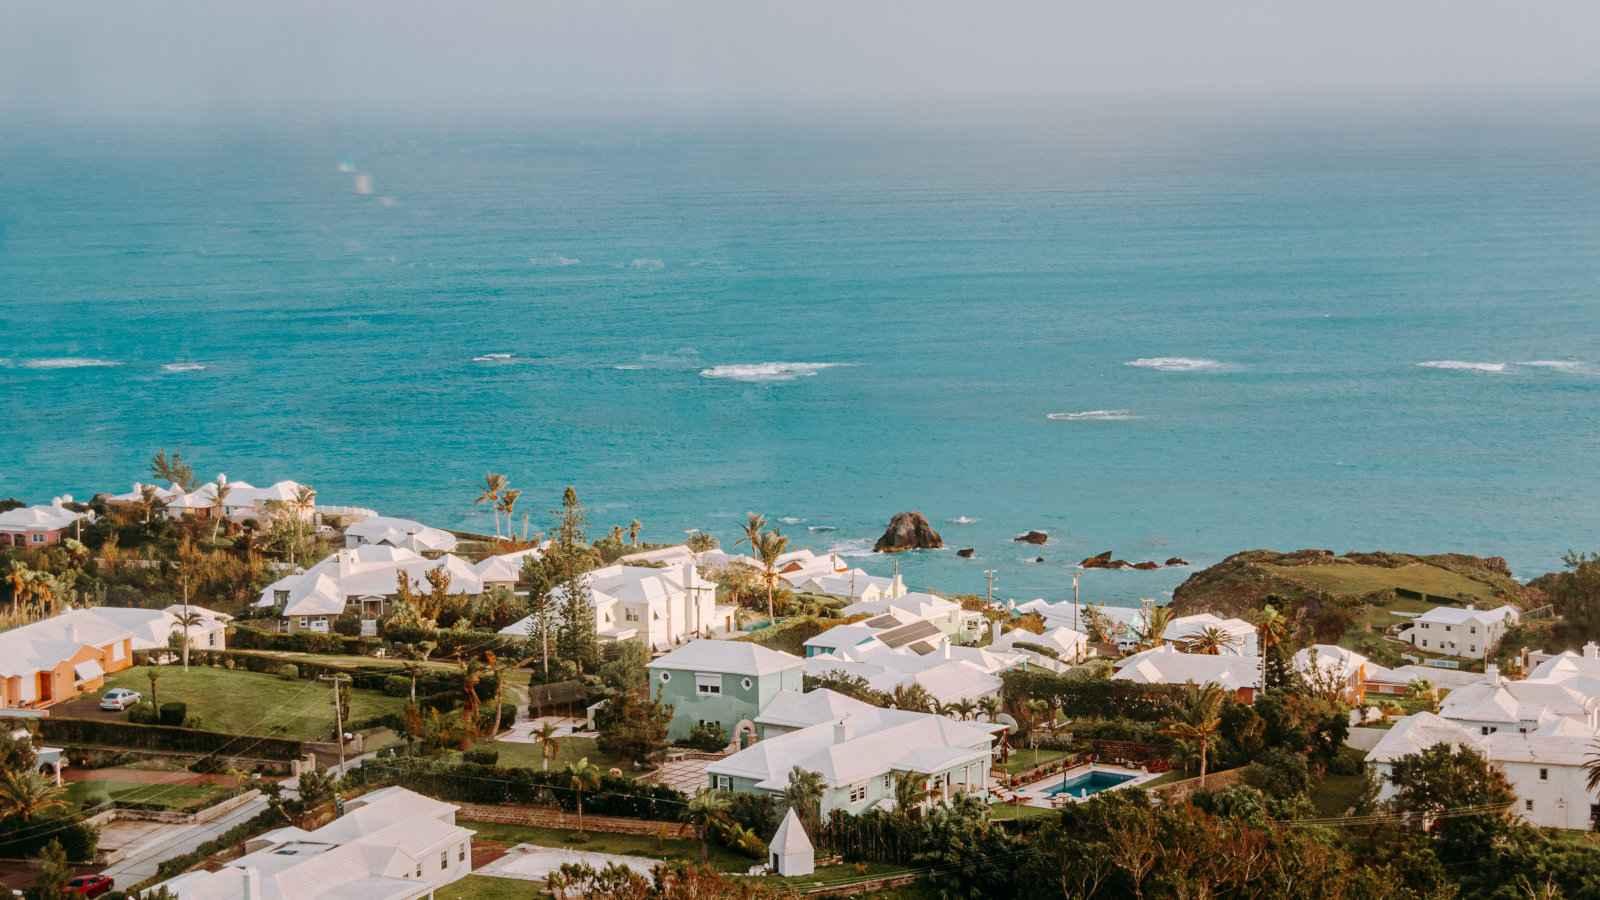 Bermudas tornou-se muito gay friendly nos últimos anos, por isso é perfeito para umas férias cor de rosa!